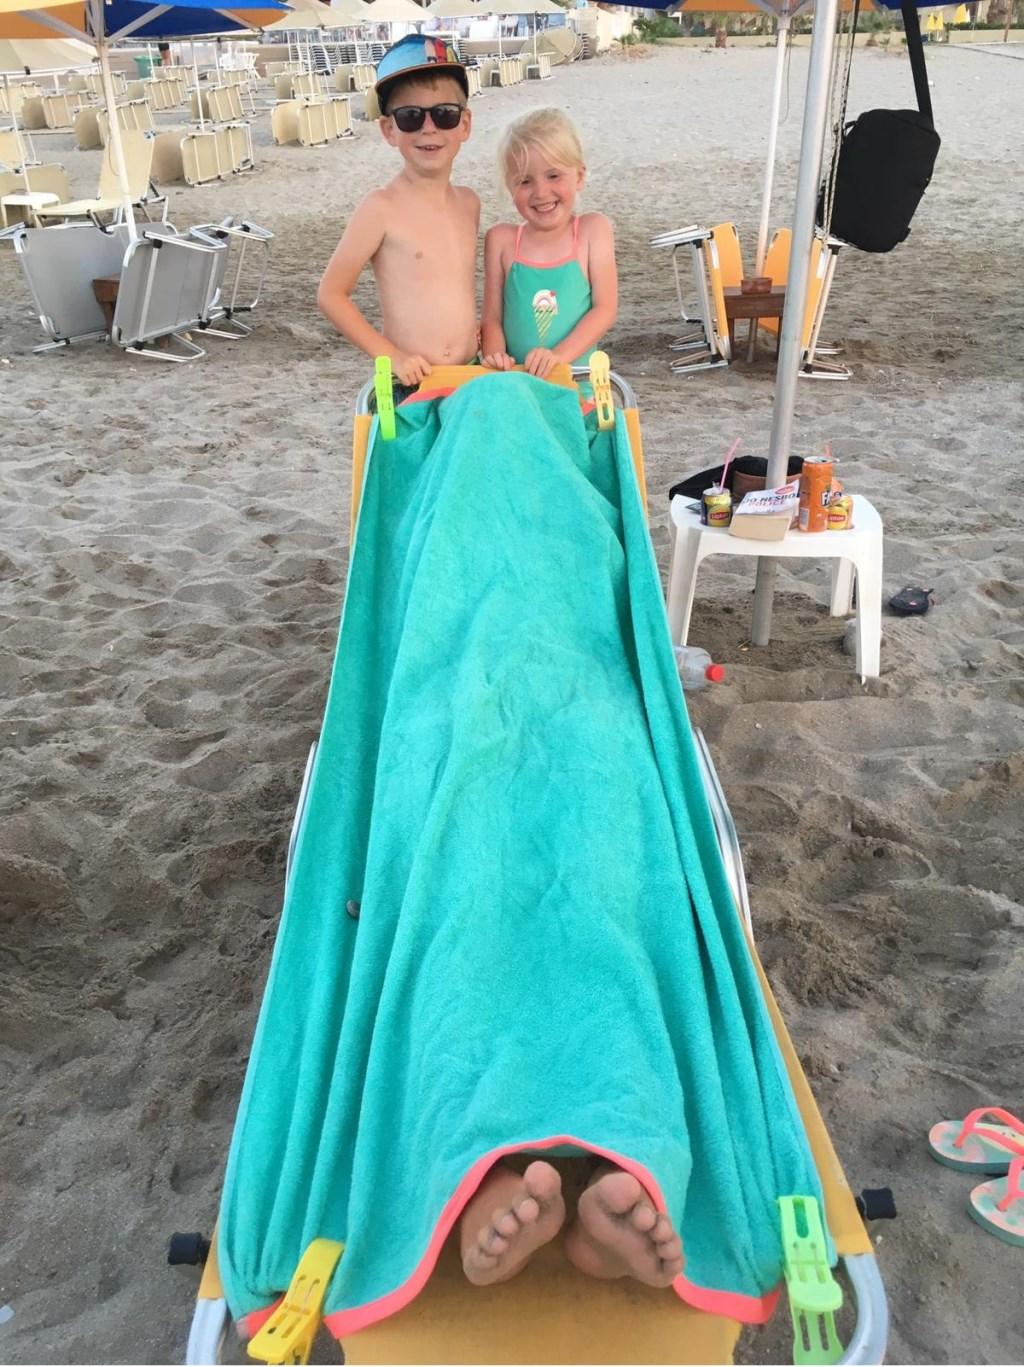 Verstoppertje spelen op het strand in Kreta. Senn, Nine en ??  © MooiRooi